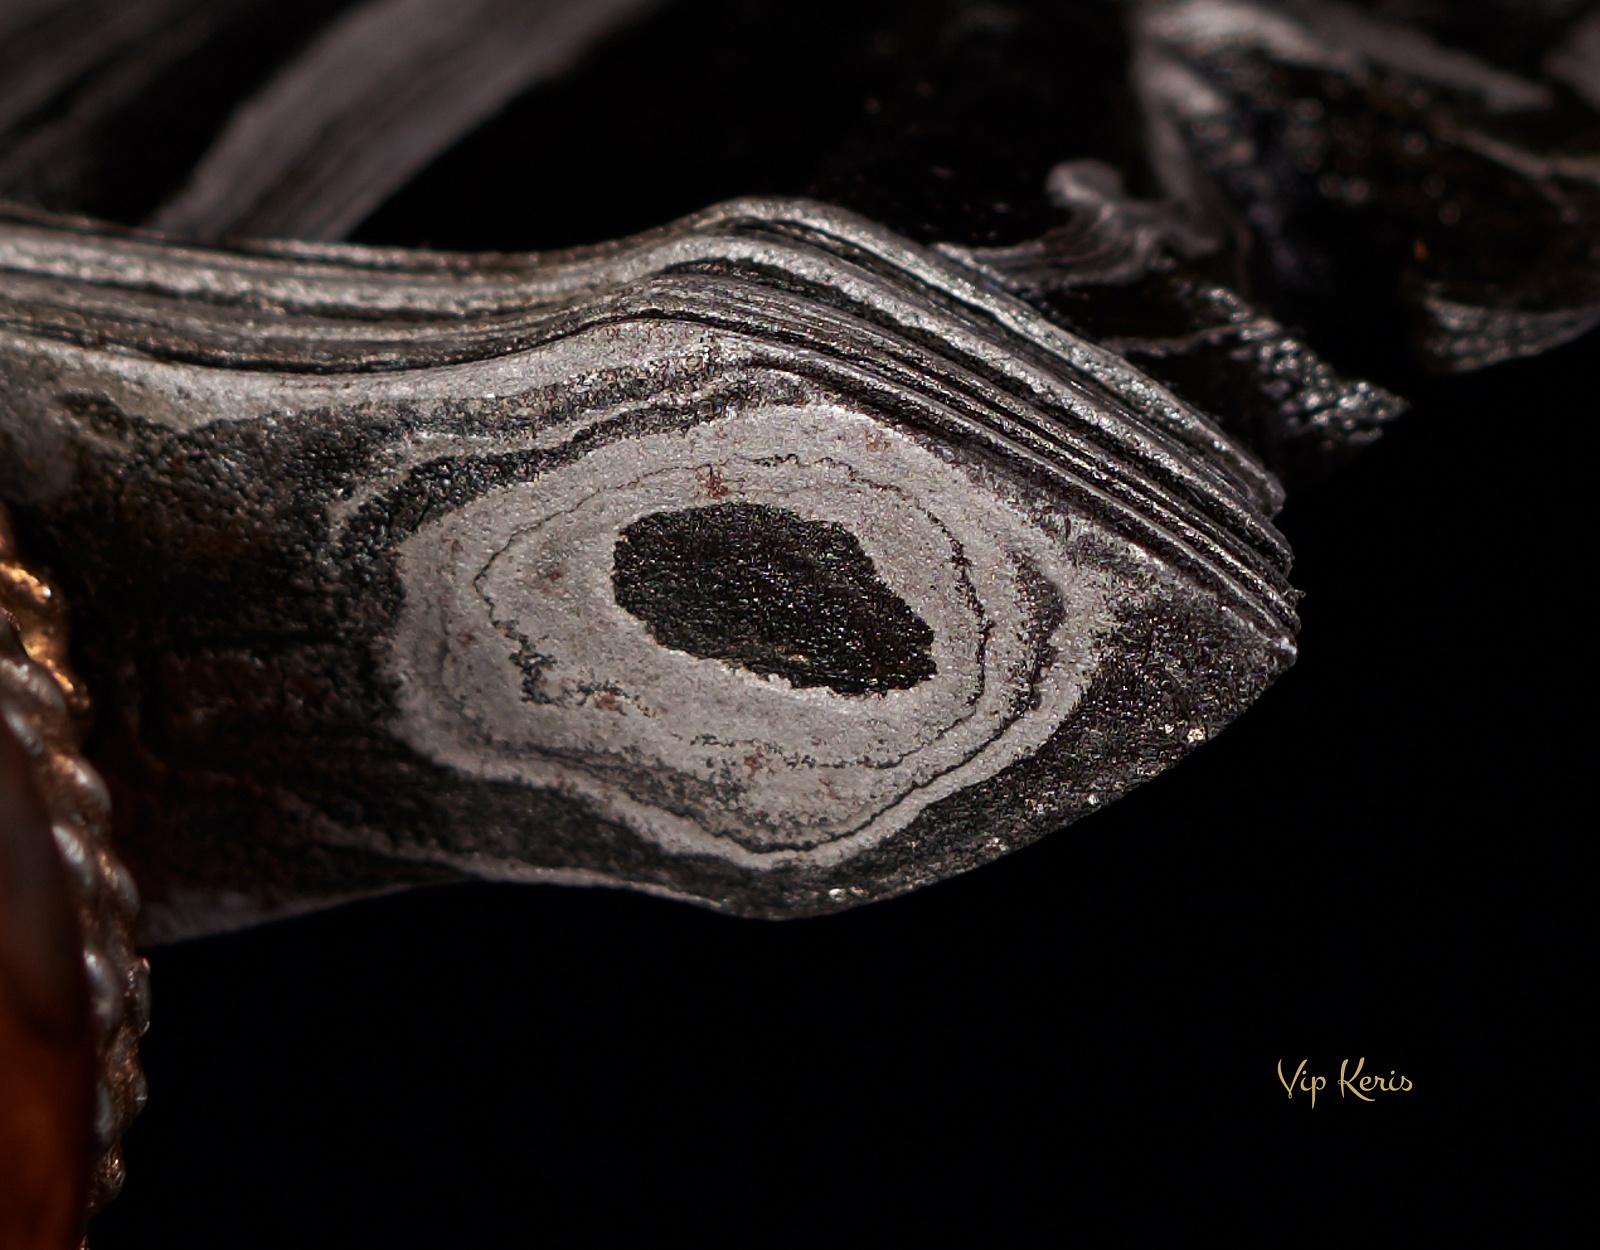 Кинжал Крис Carang soka, работа с кармой. фото VipKeris